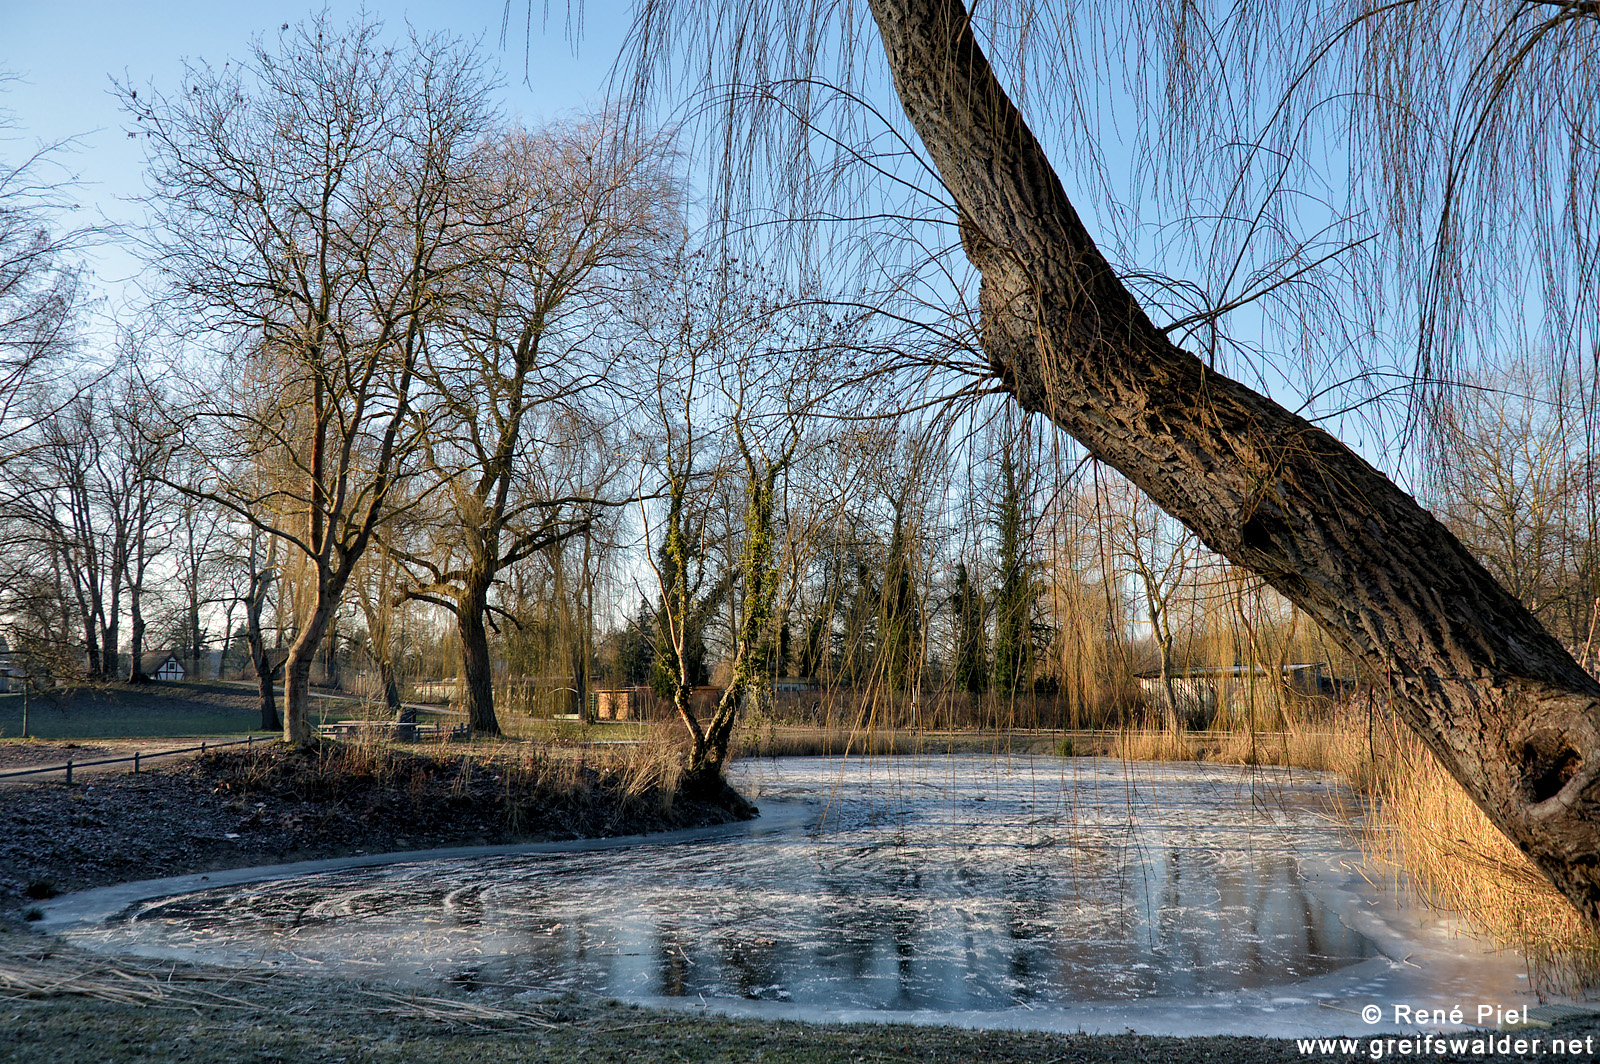 Teich in den Credner-Anlagen in Greifswald